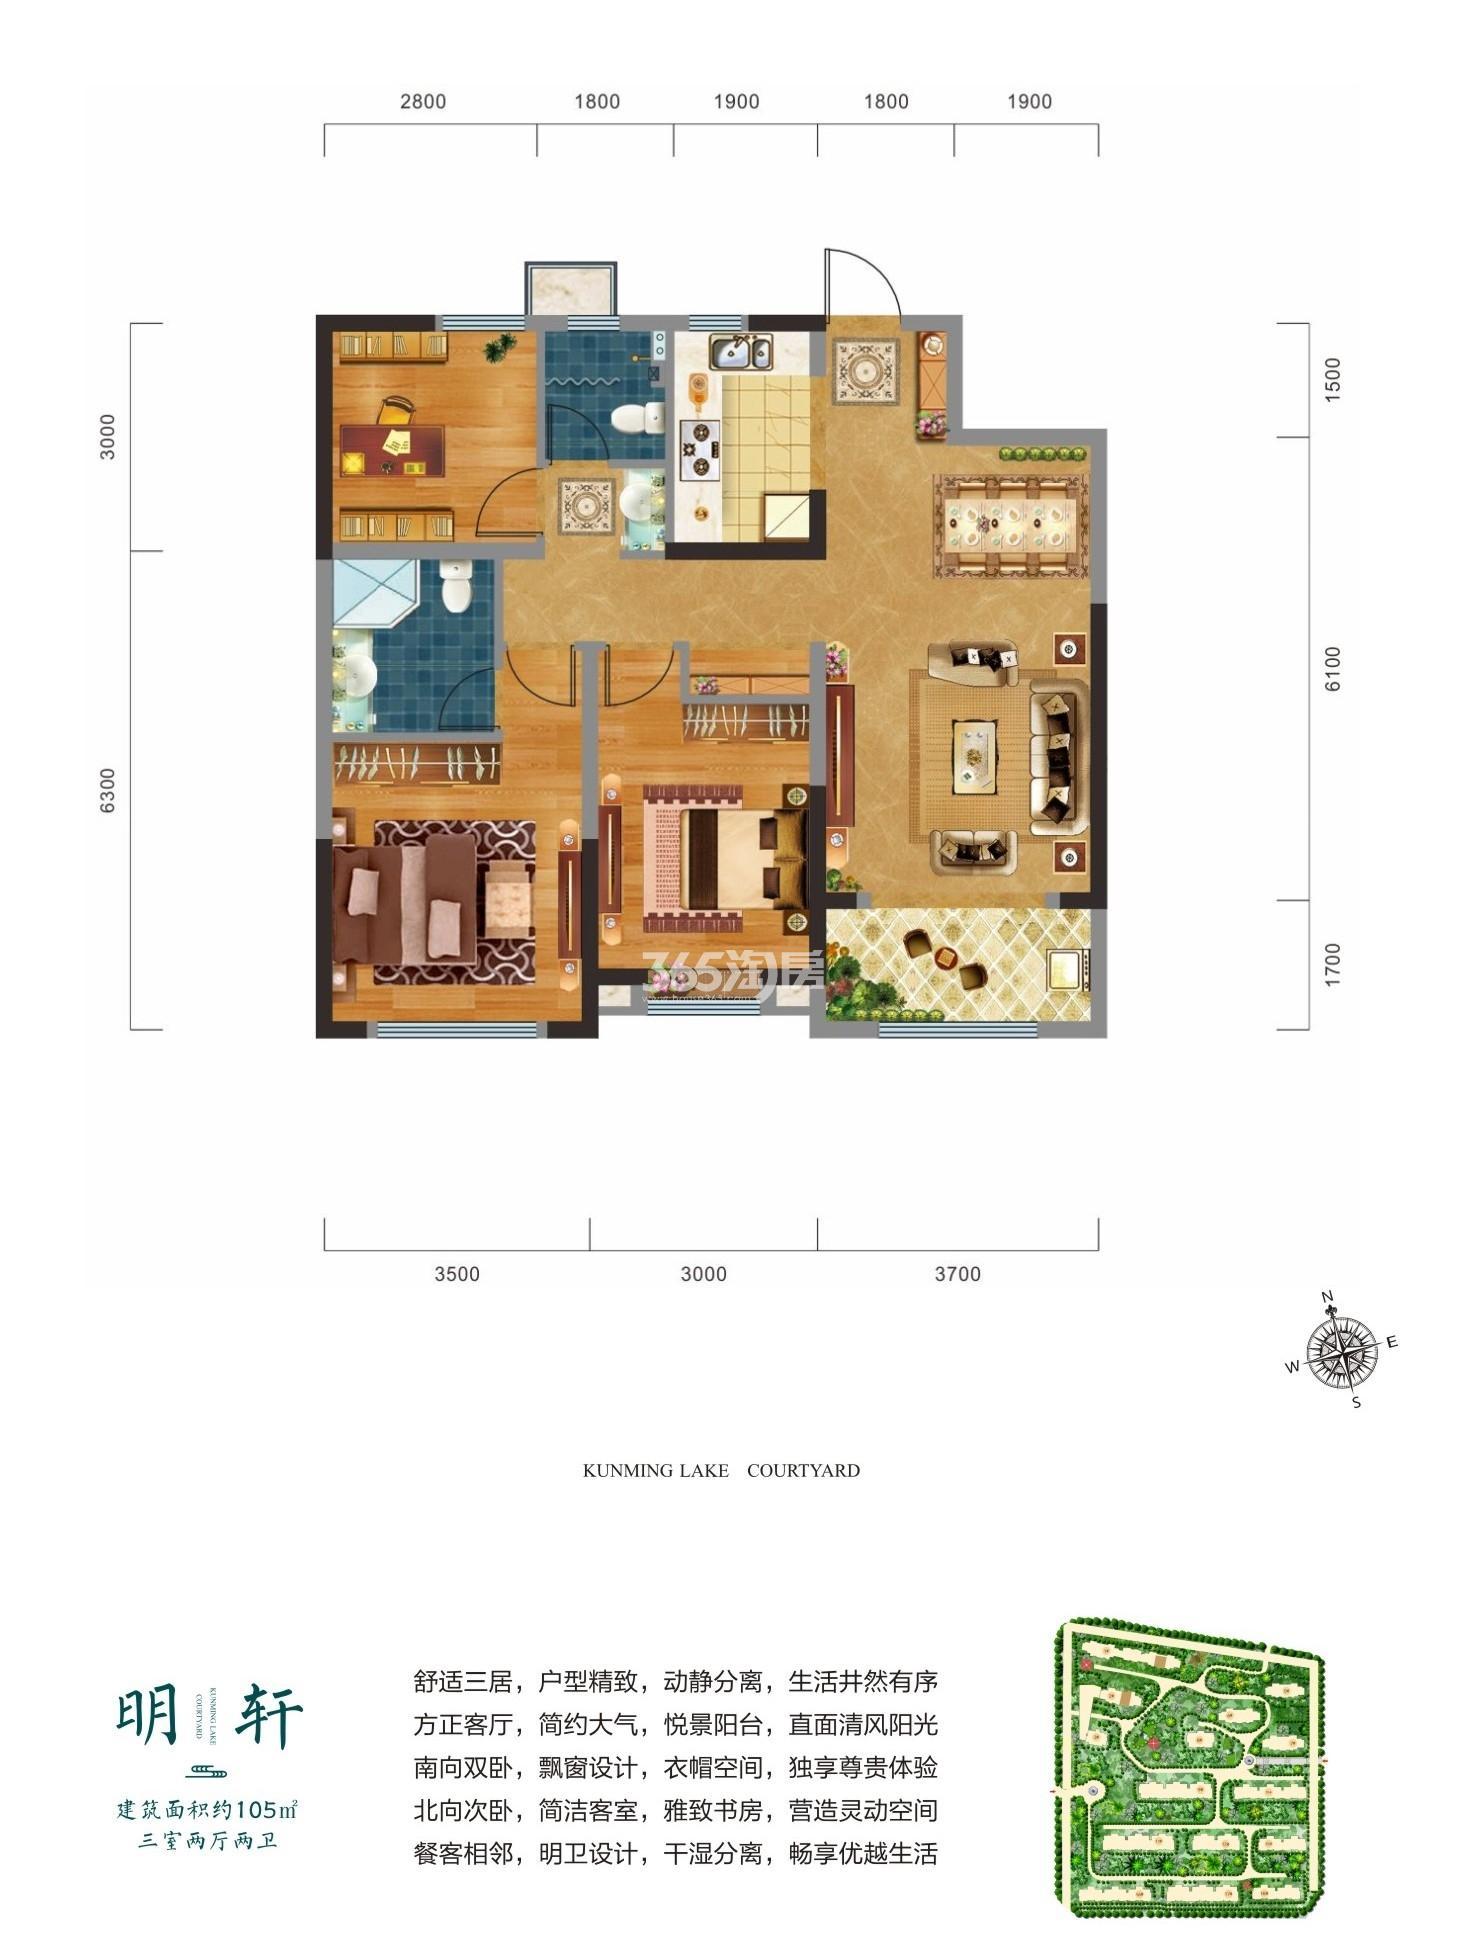 中建昆明澜庭三室两厅105㎡户型图